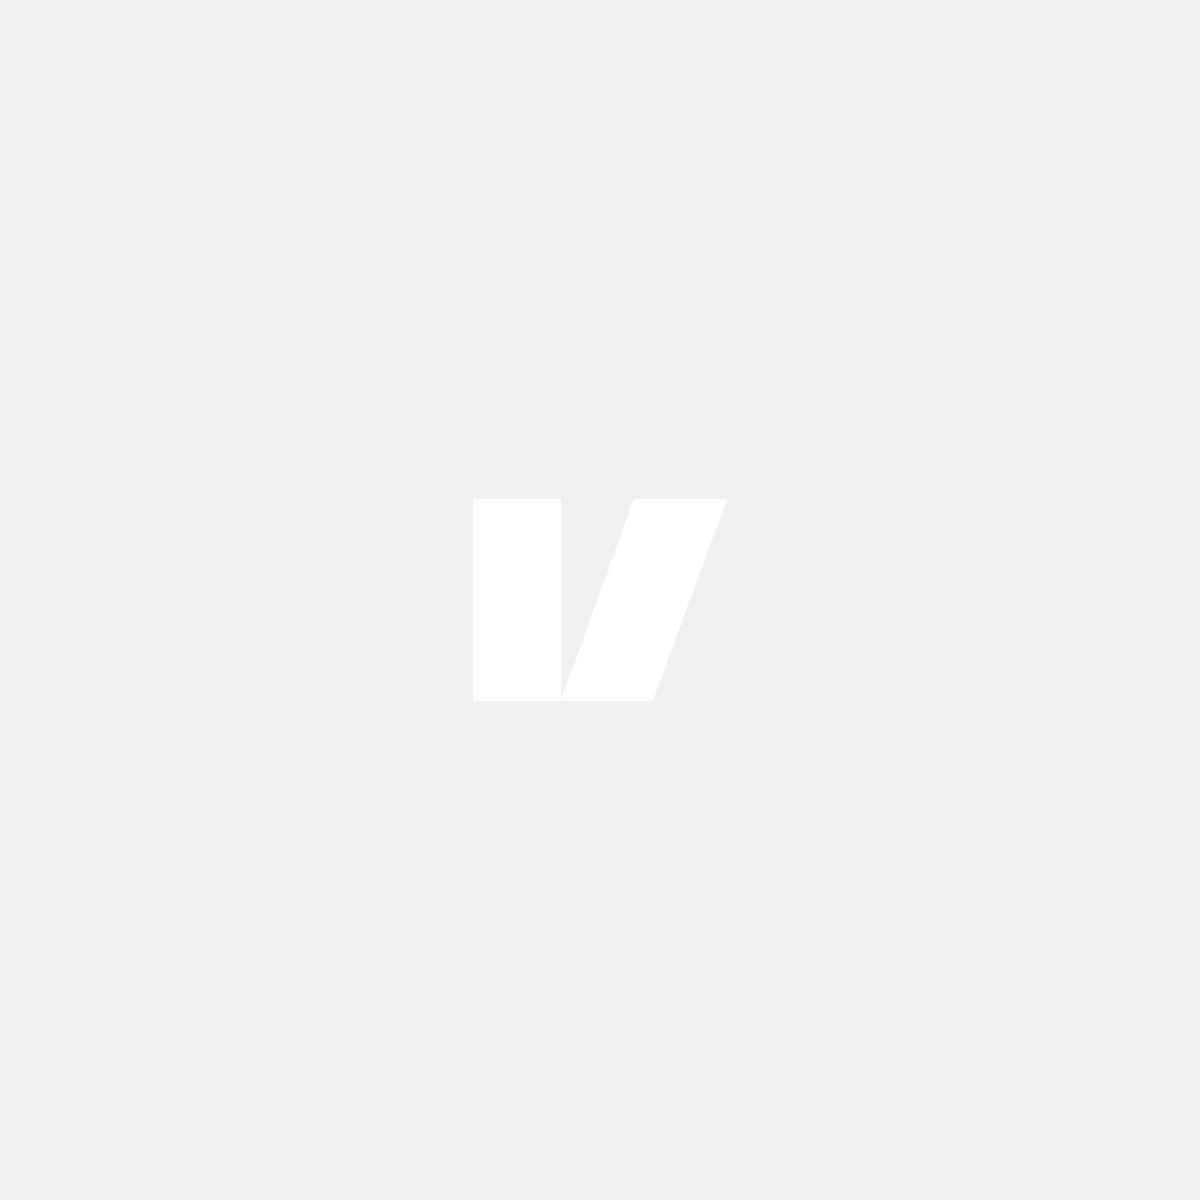 Innerbelysningsglas till Volvo PV, Duett, Amazon